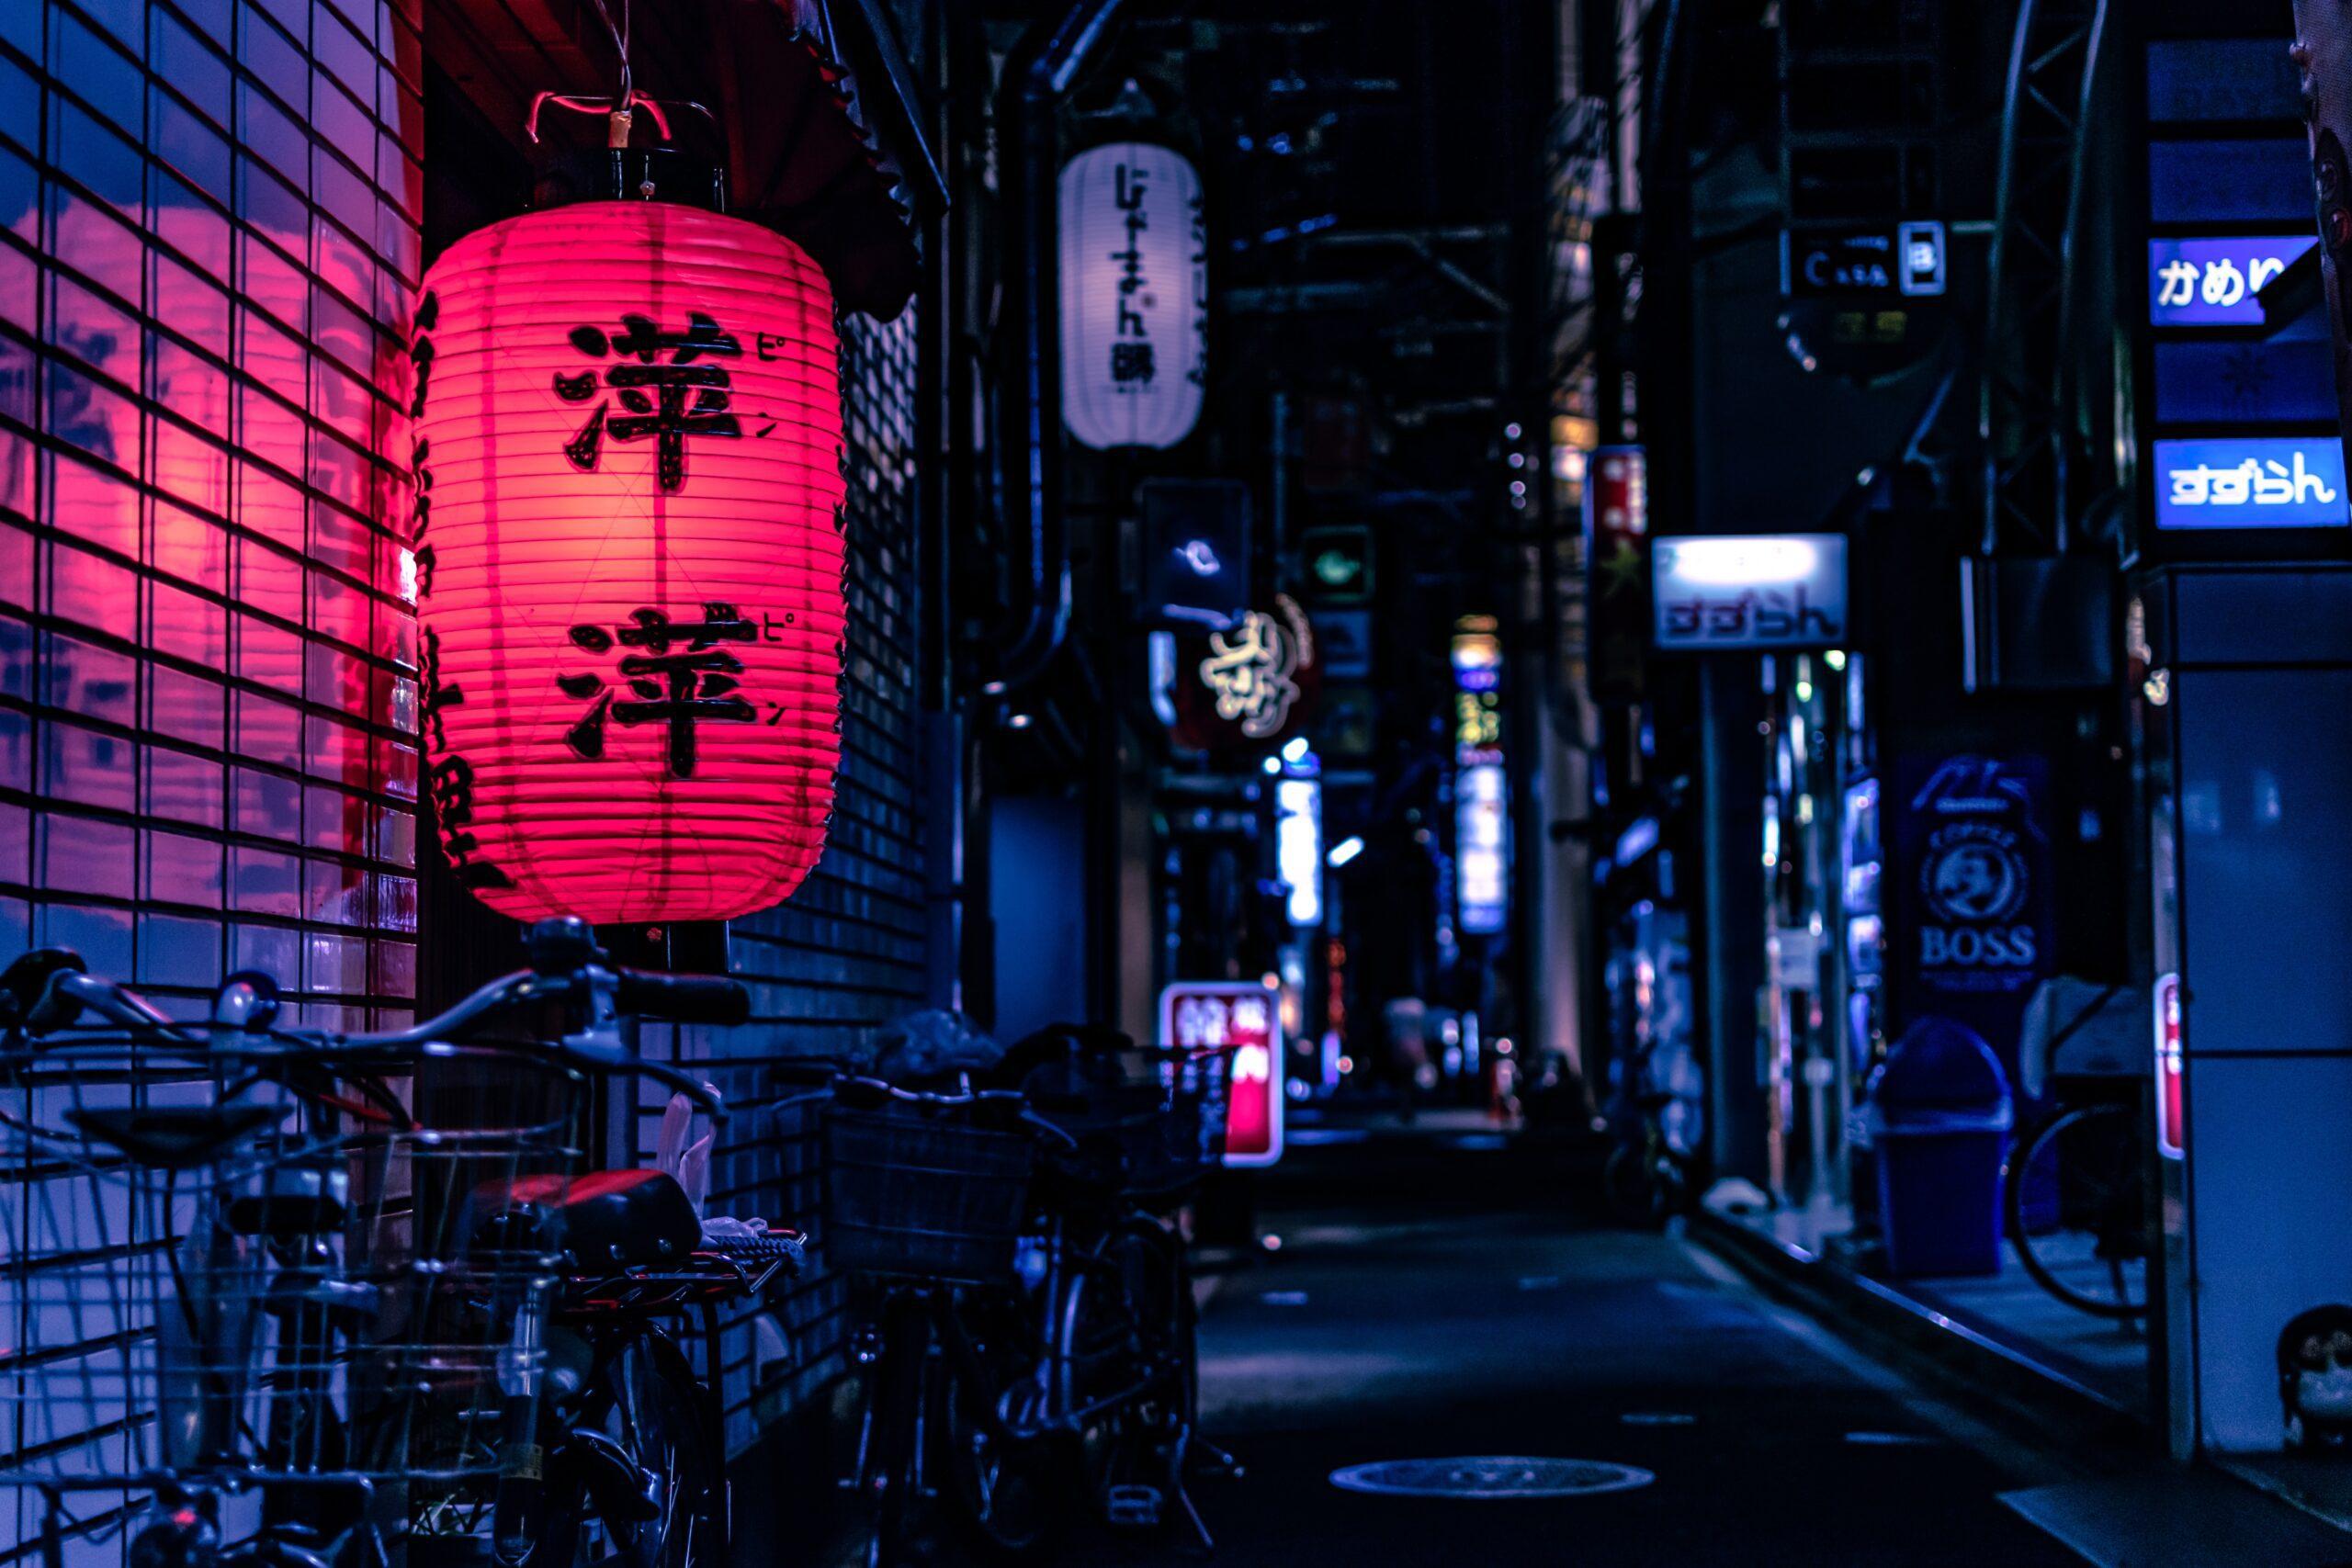 jase-bloor-Red lantern in foreground on Tokyunsplash